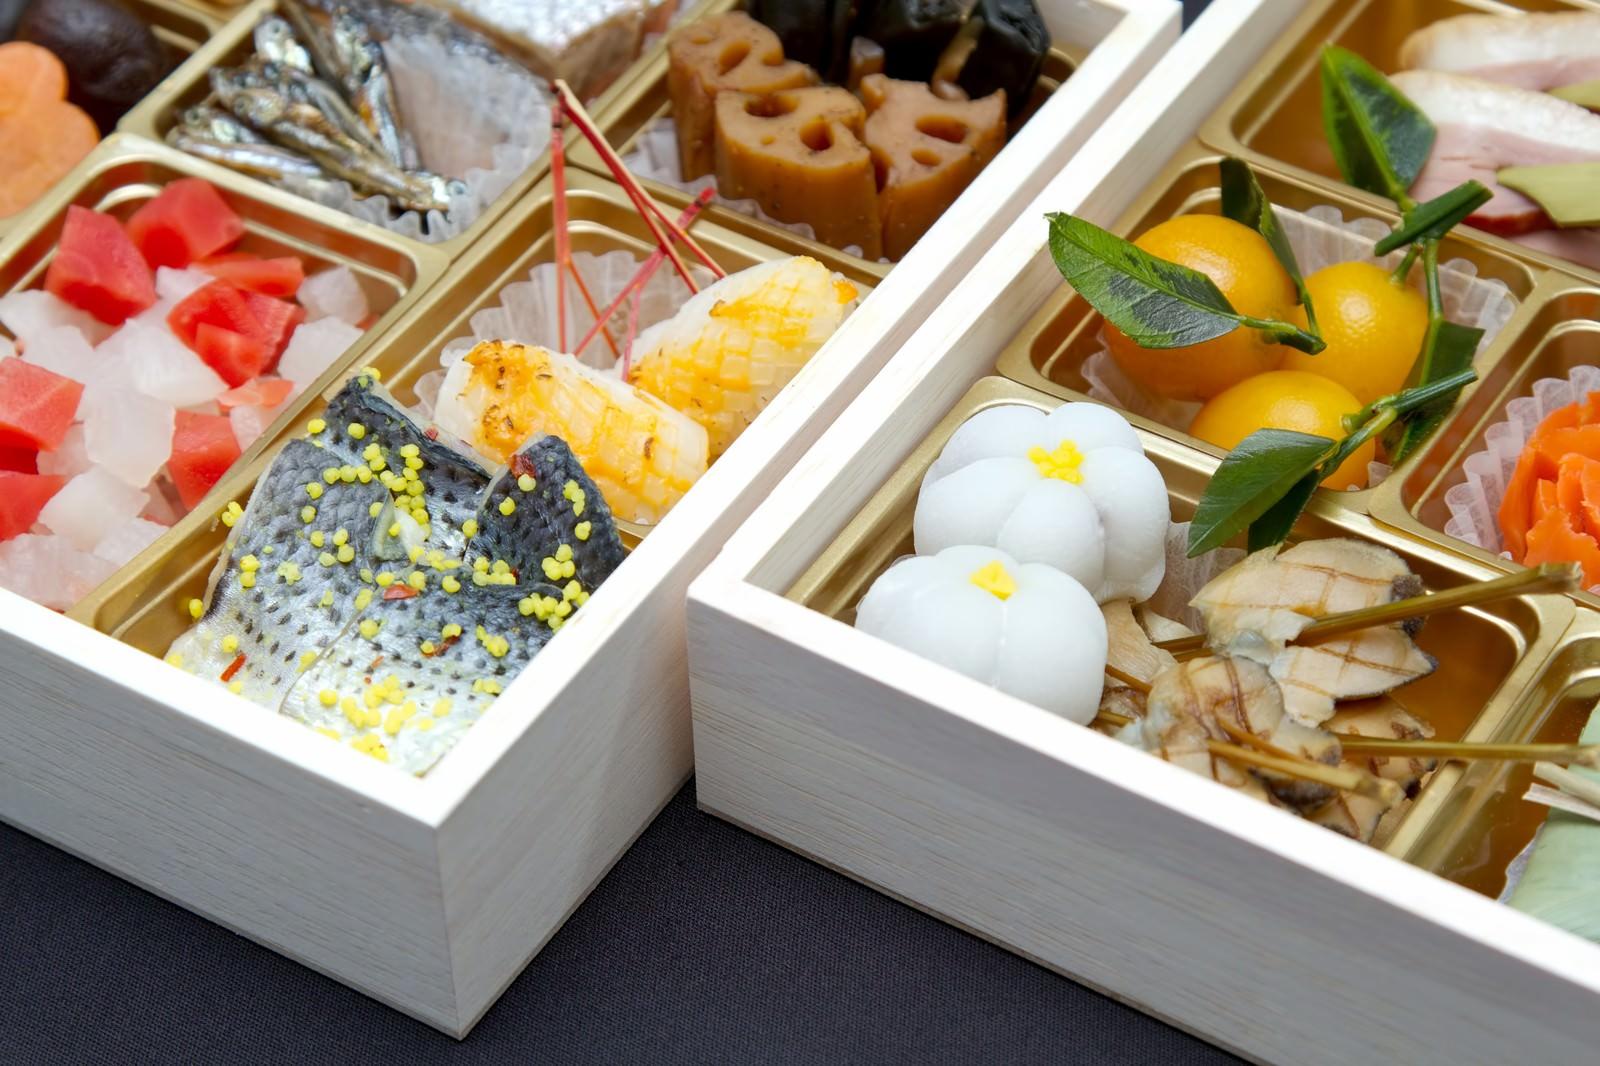 日本新年佳肴御节料理(Osechi)